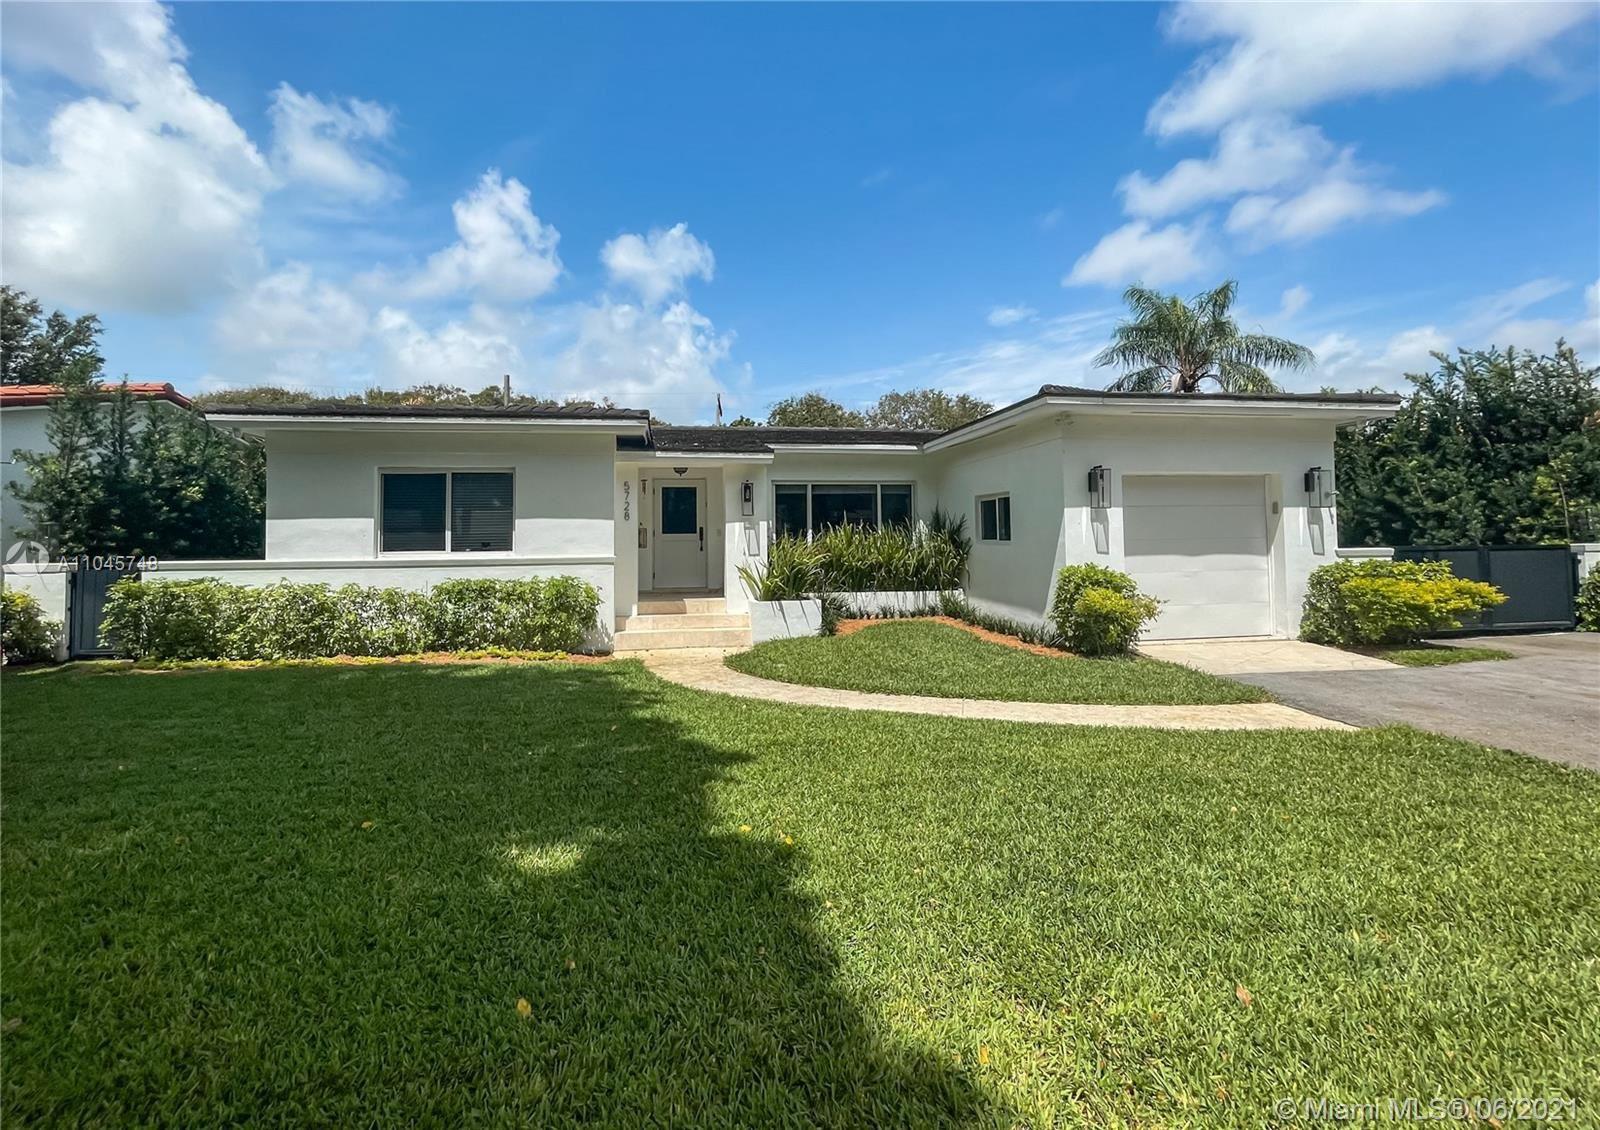 5728 Michelangelo St, Coral Gables, FL 33146 - #: A11045748